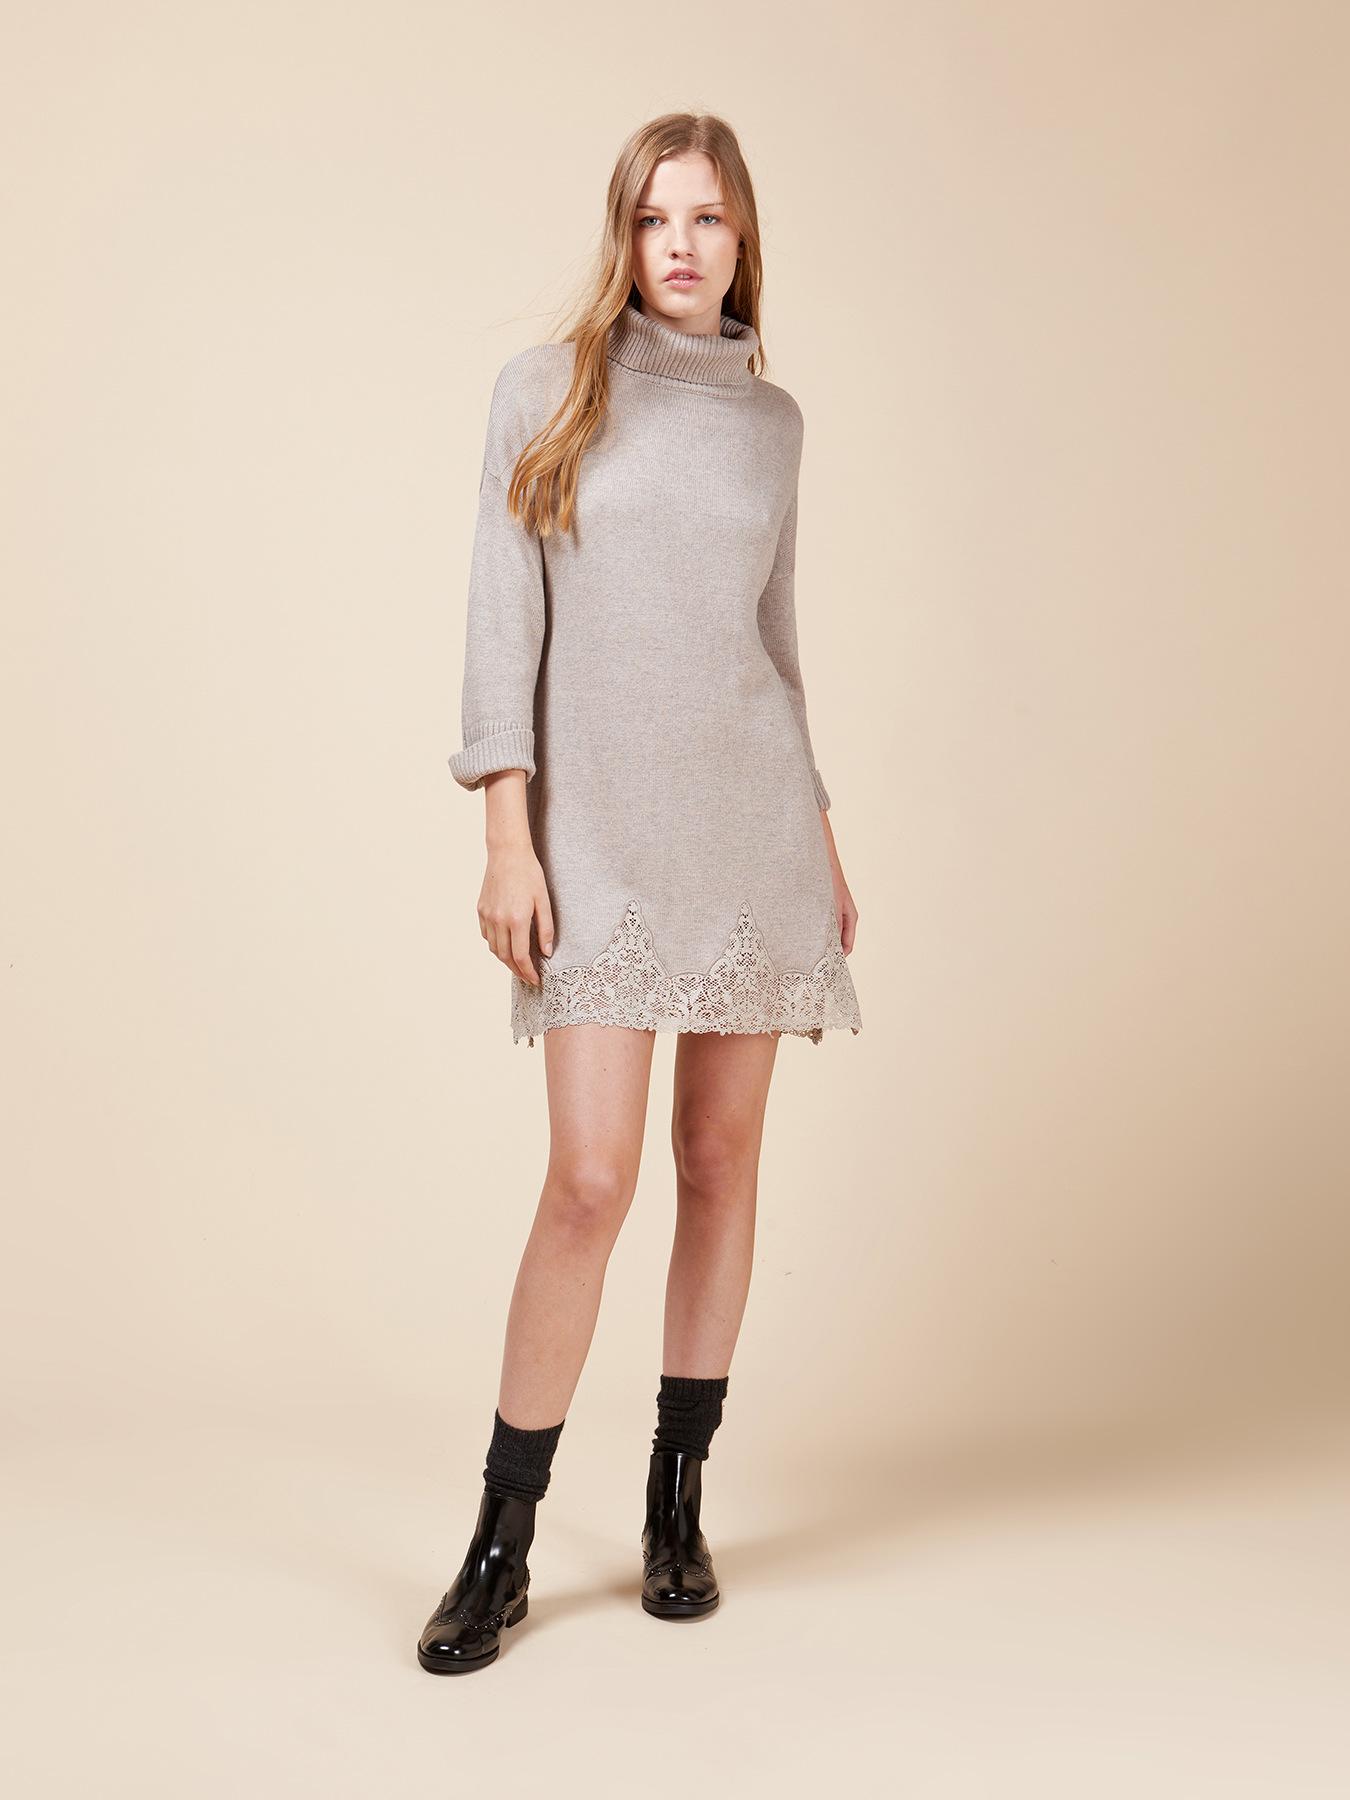 2feda6df47e3c Collezione Oltre La Nuova 2019 Per Abbigliamento L inverno Di Donna ZqUEwqr